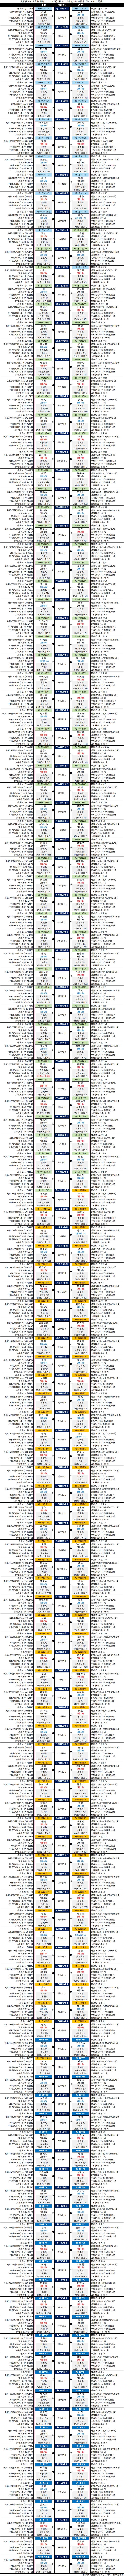 大相撲・2020年1月場所11日目・幕下以下の取組結果